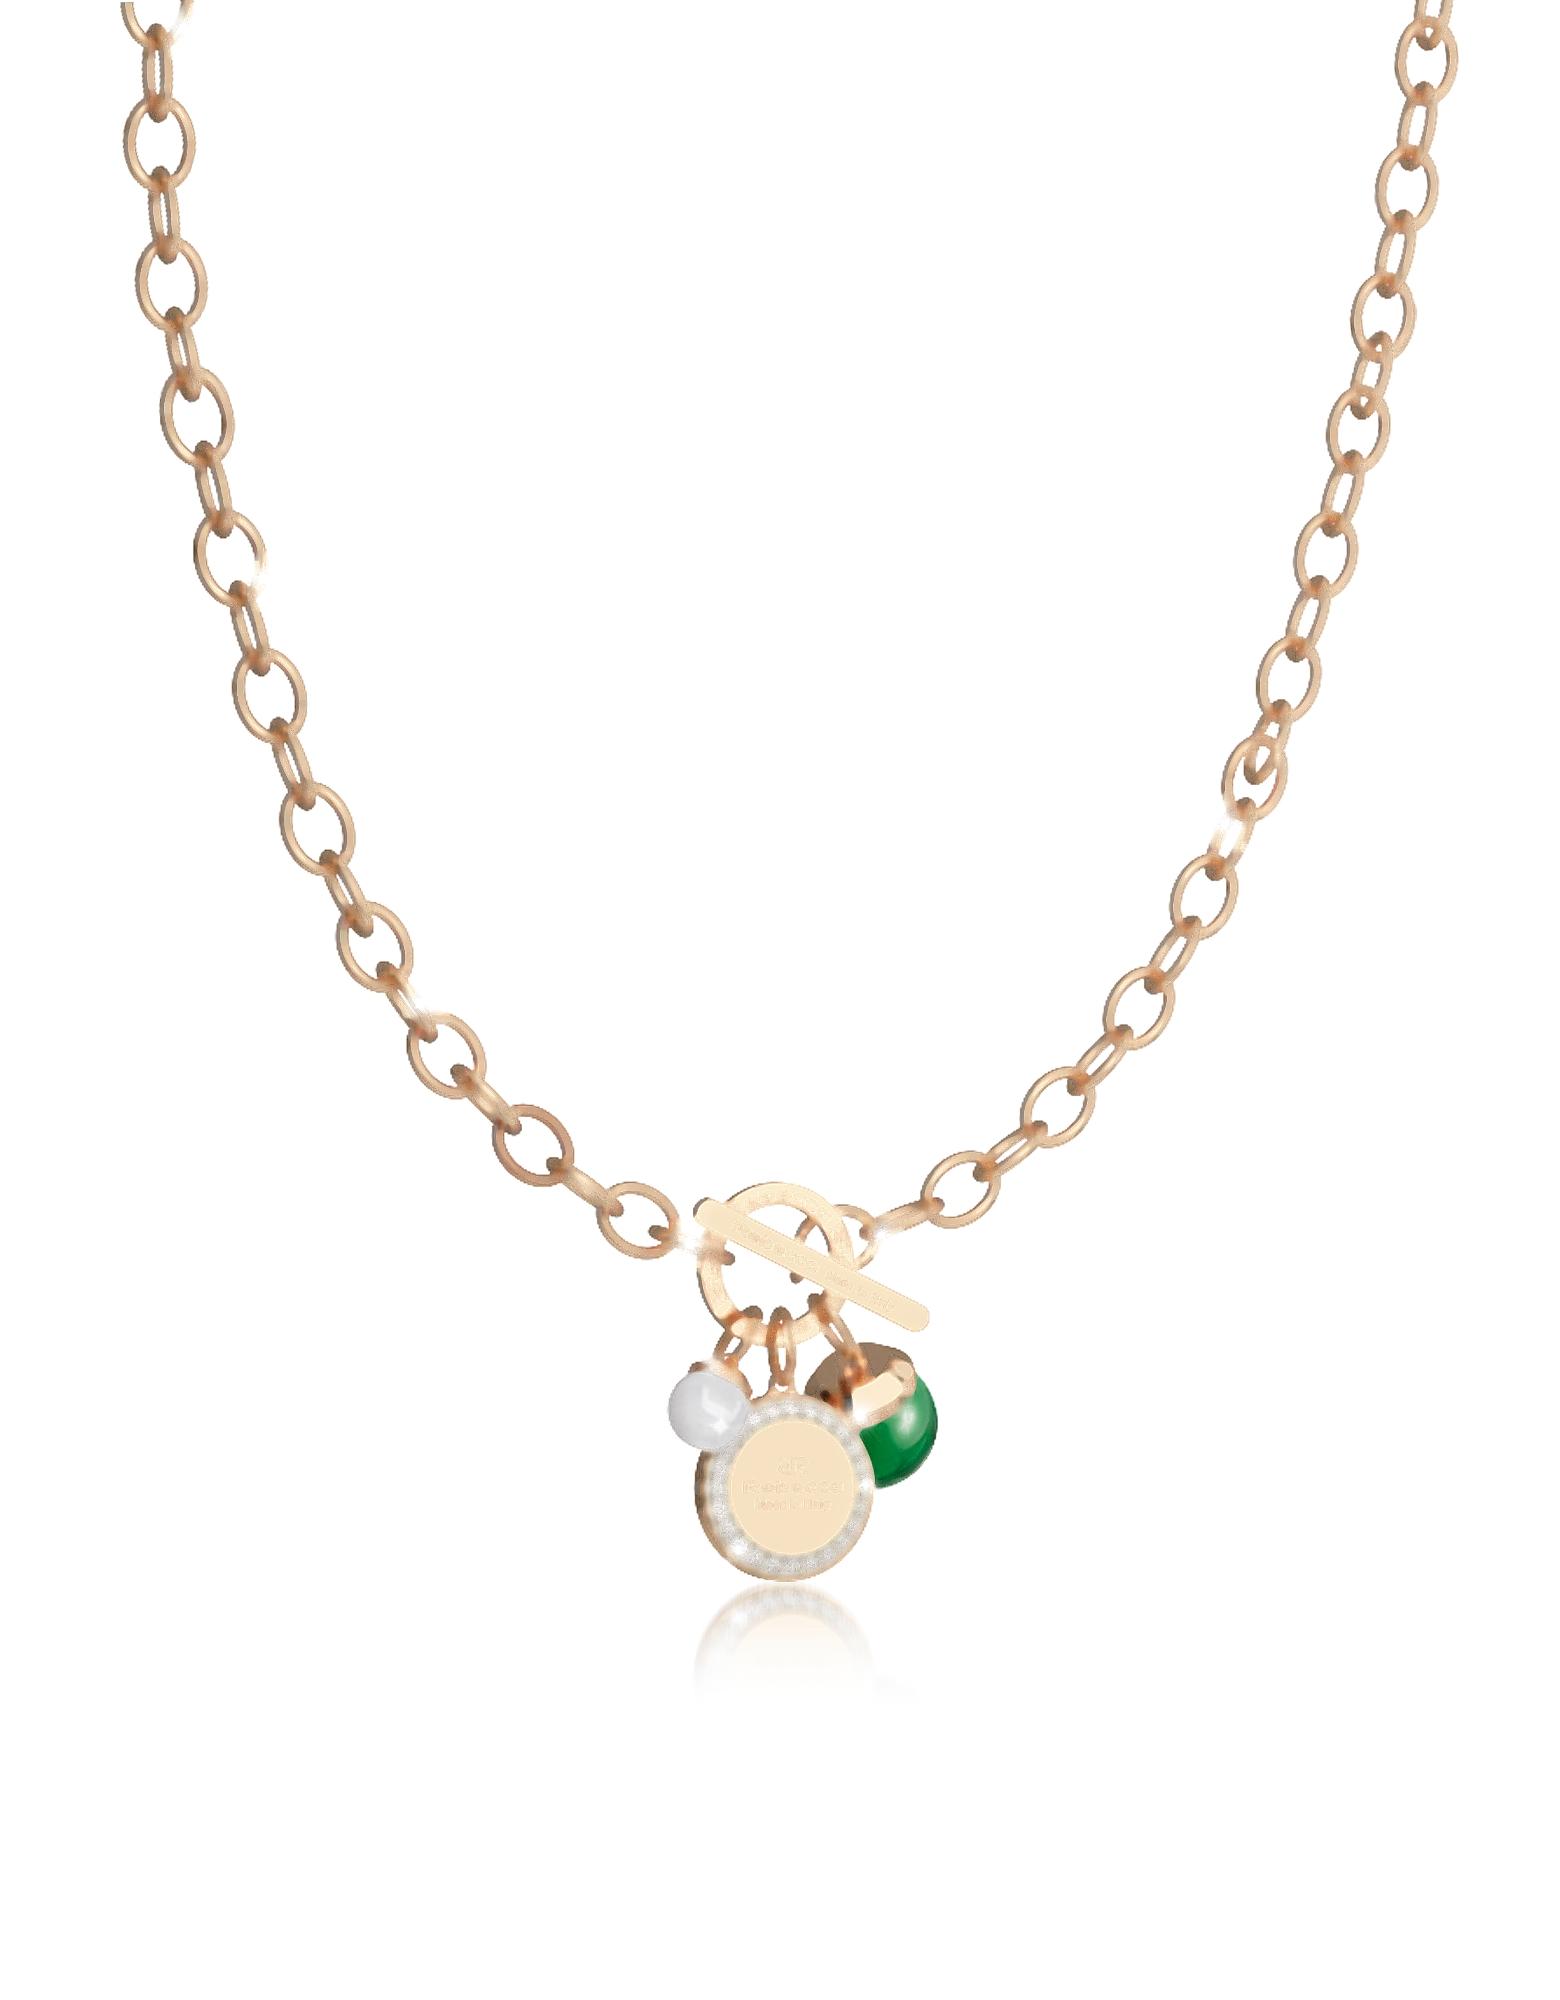 Hollywood Stone - Ожерелье из Бронзы с Напылением Желтого Золота, Зеленым Гидротермальным Камнем и Стеклянной Жемчужиной